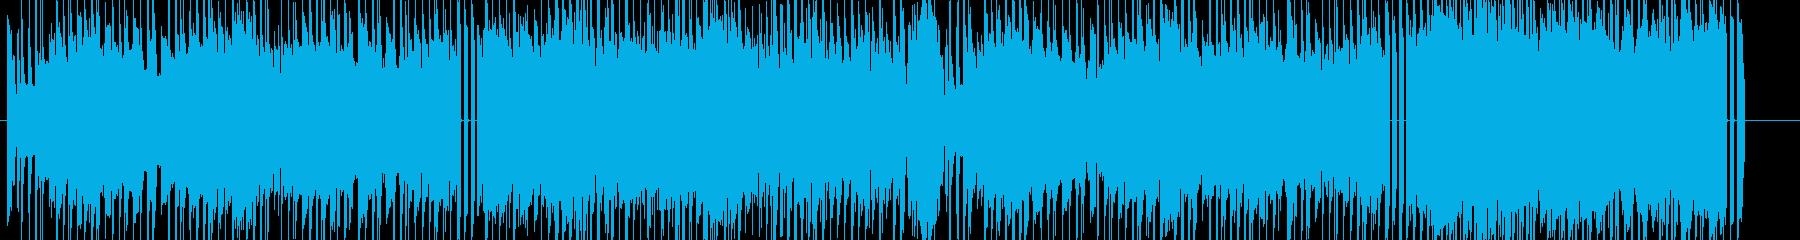 ほのぼのとしたエレクトロニカの再生済みの波形